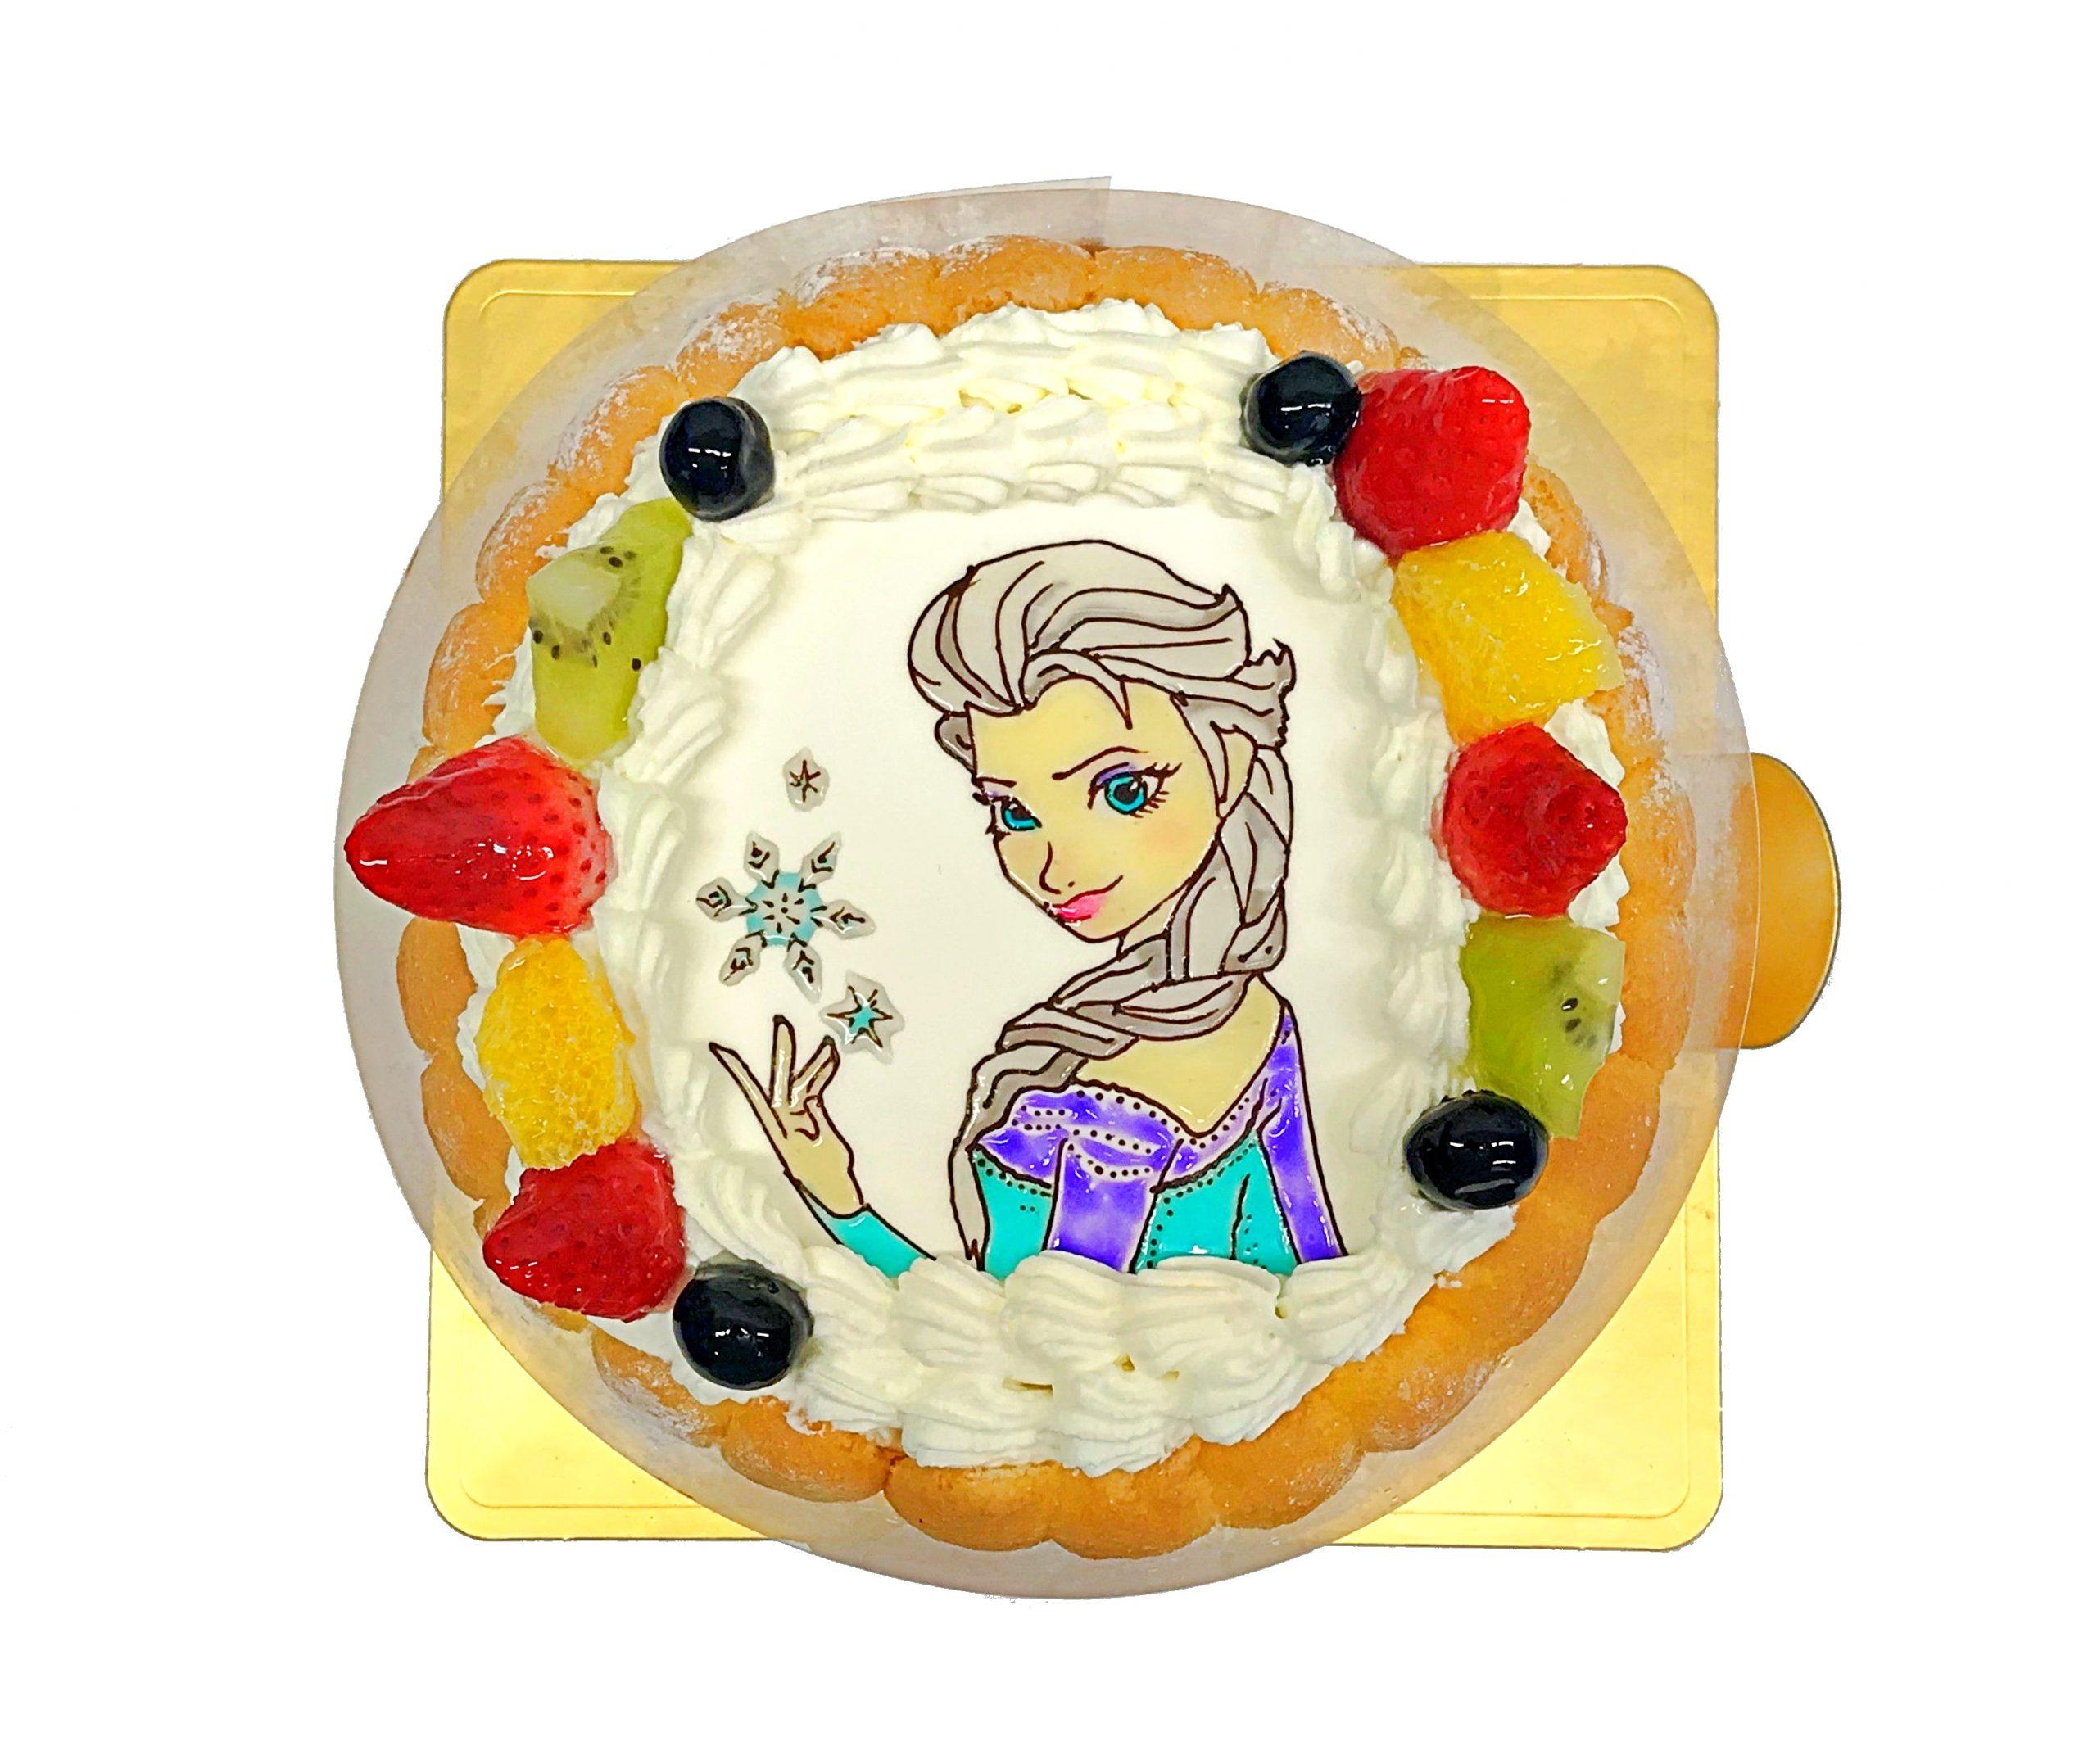 アナと雪の女王 ディズニー エルサ女王